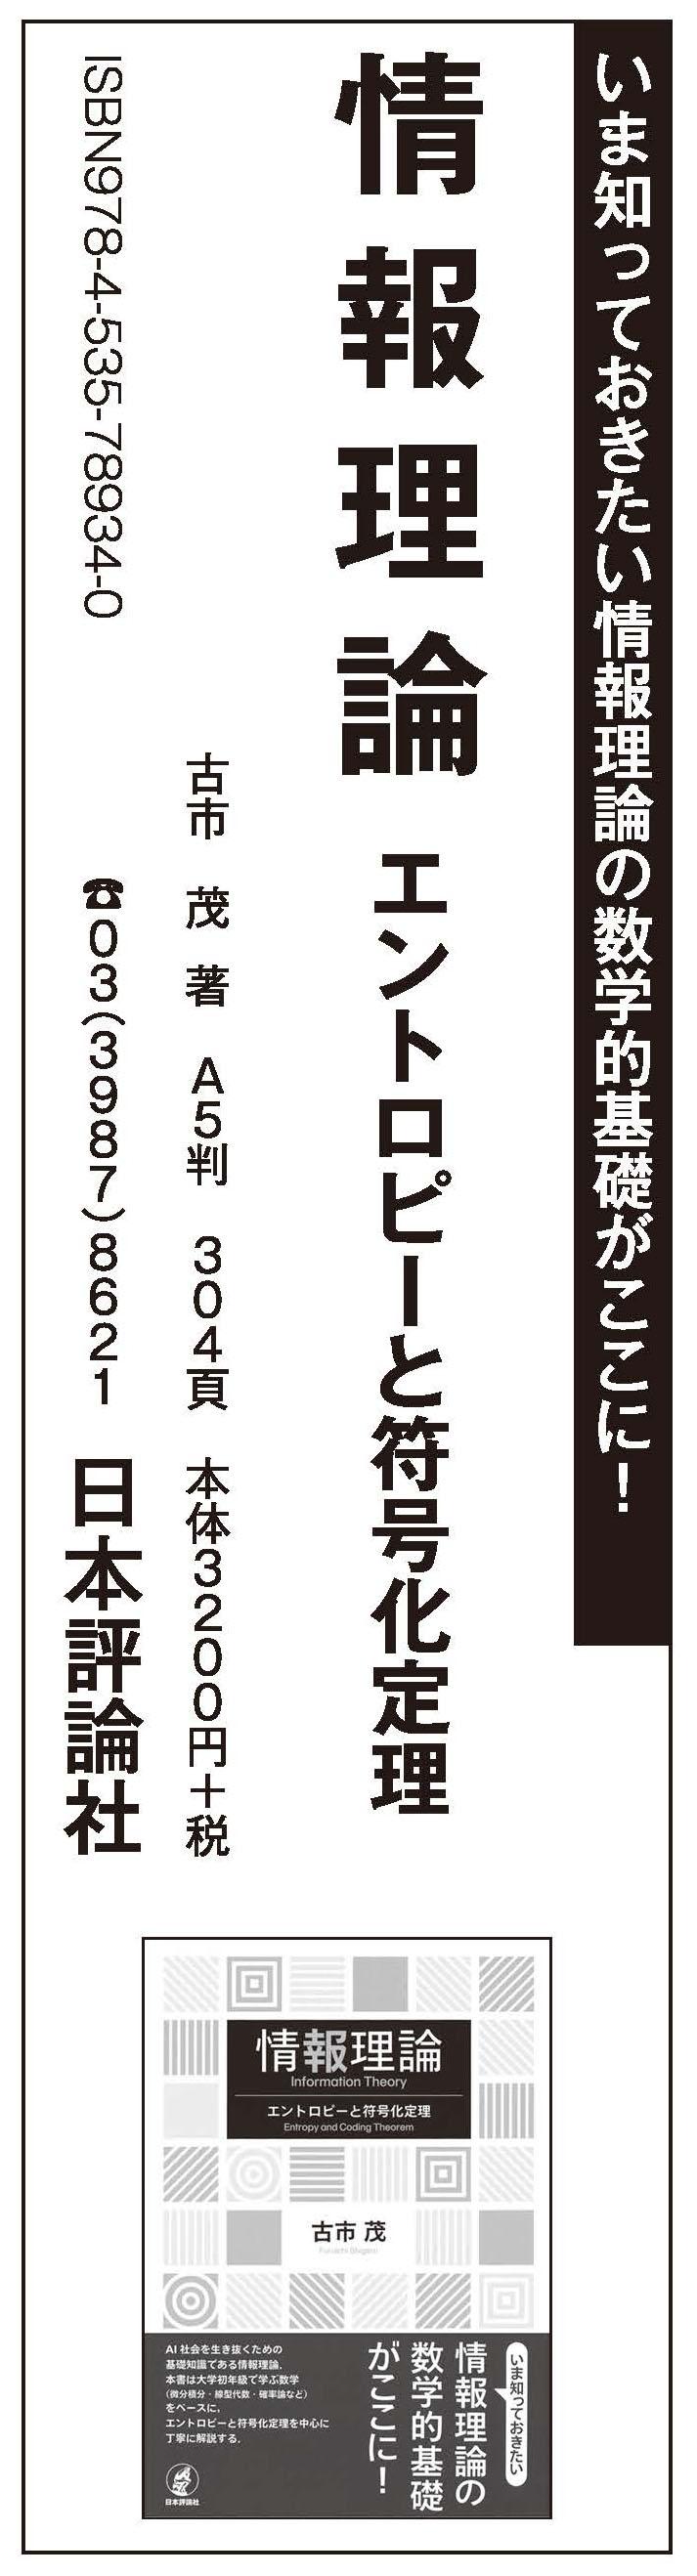 2021年2月26日付「日経産業新聞」広告